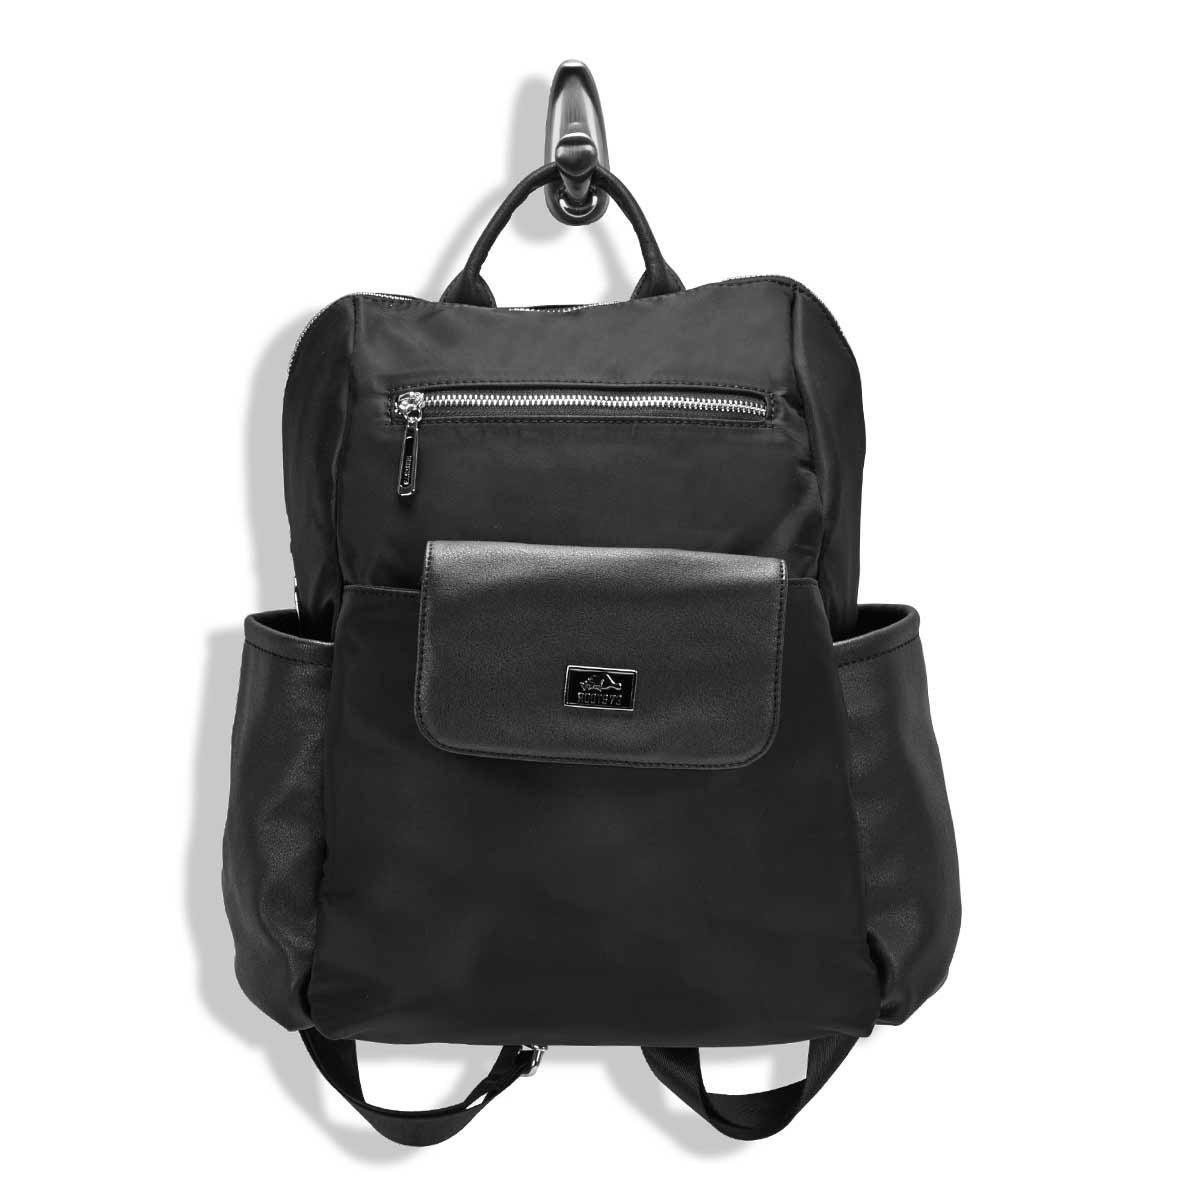 Lds blk detachable front pocket backpack